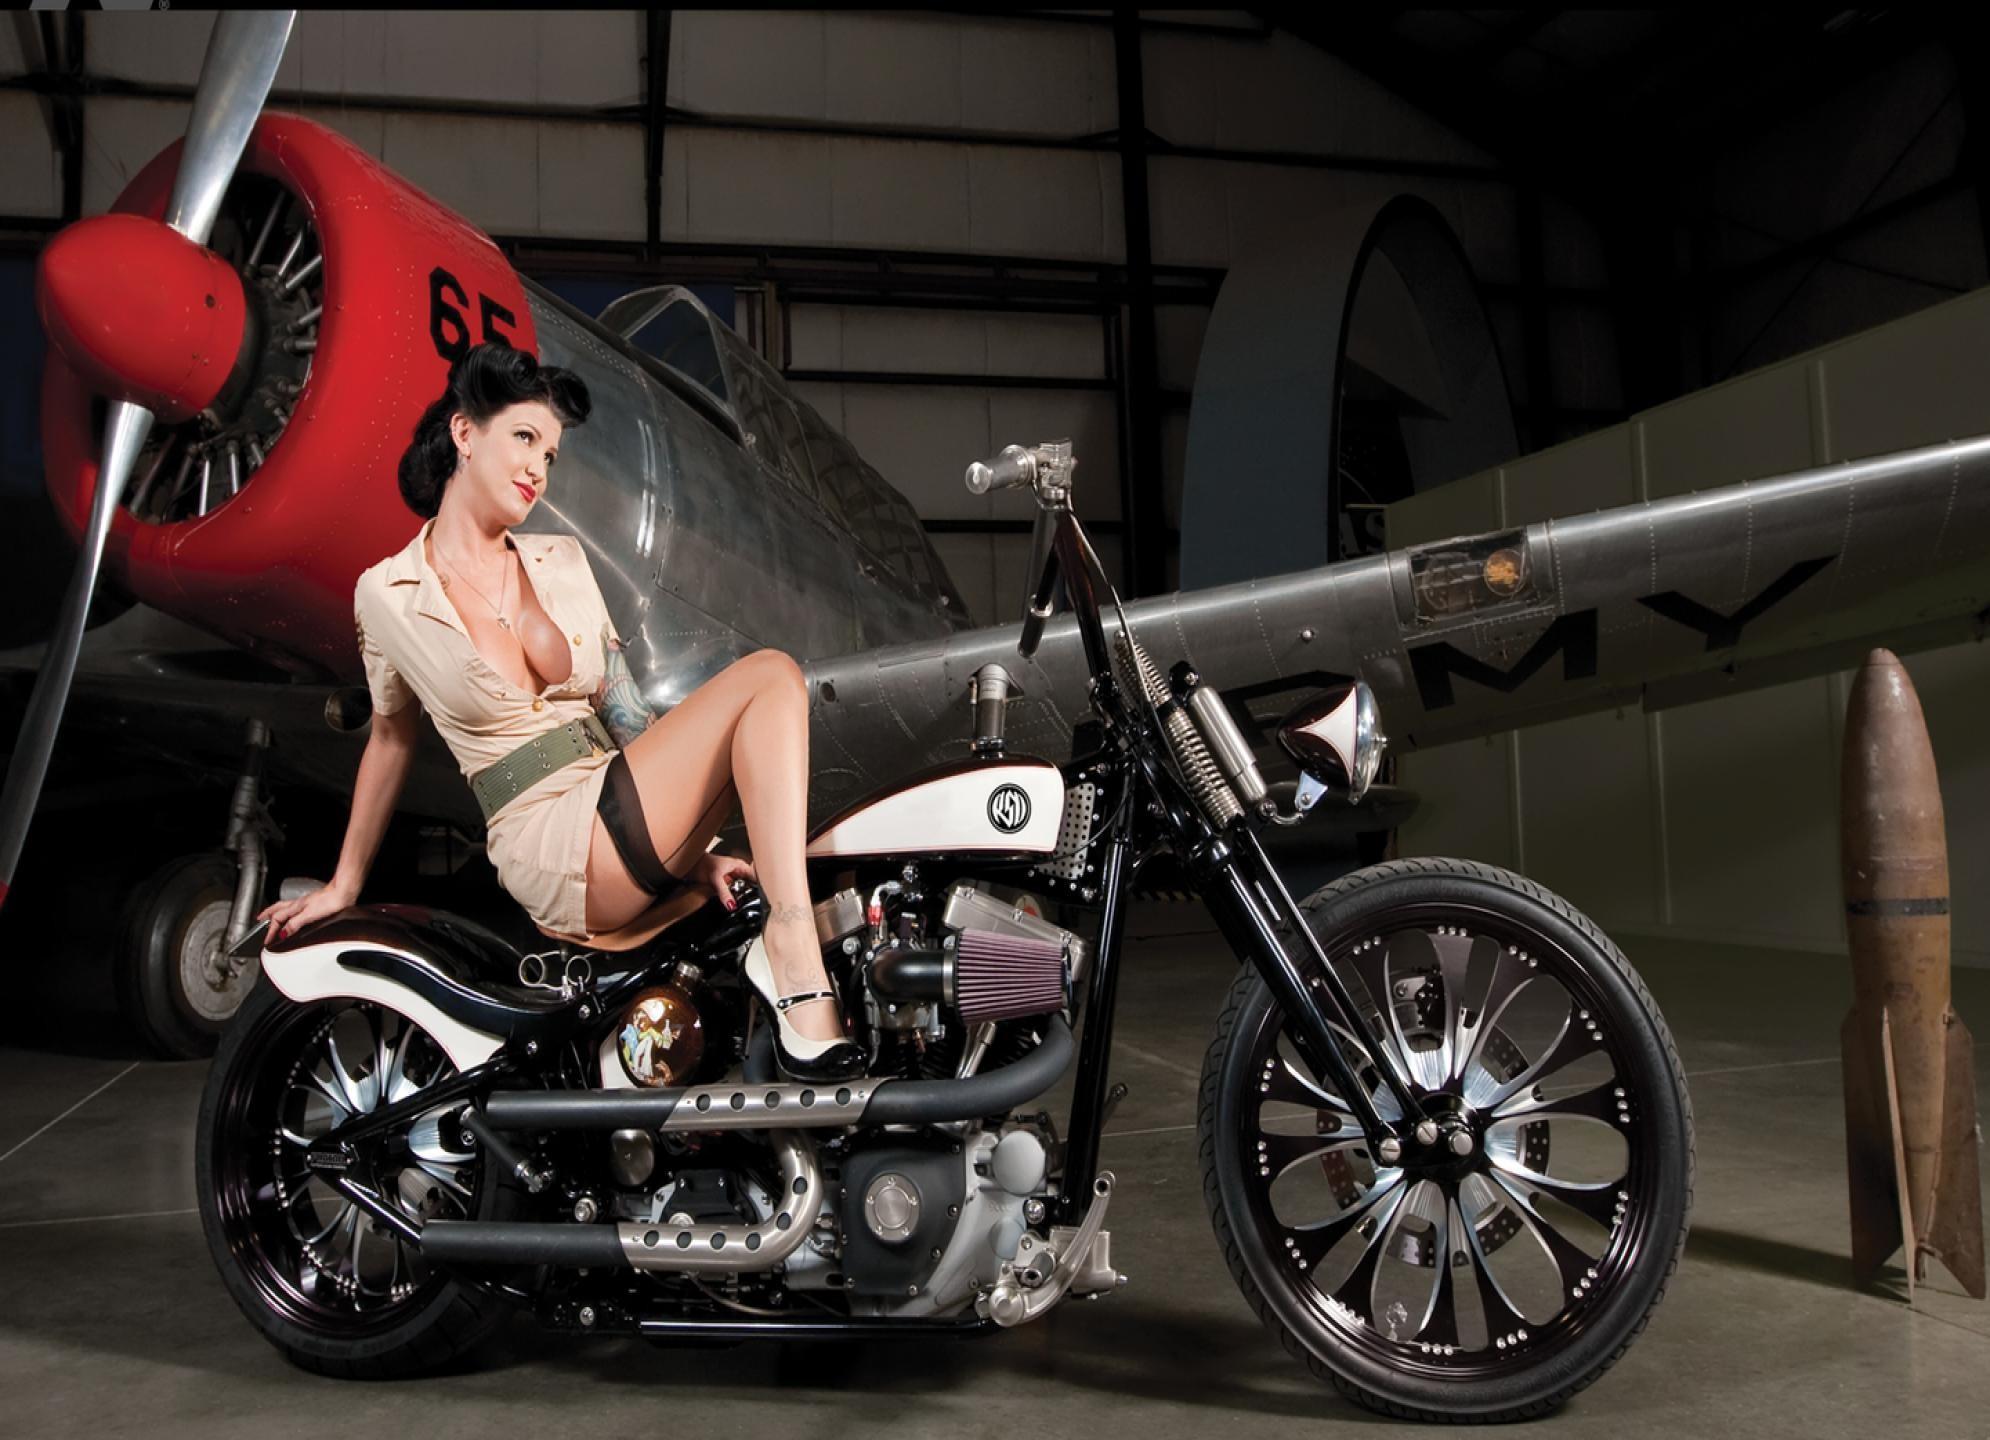 HD Vintage Motorcycle Girl Wallpaper